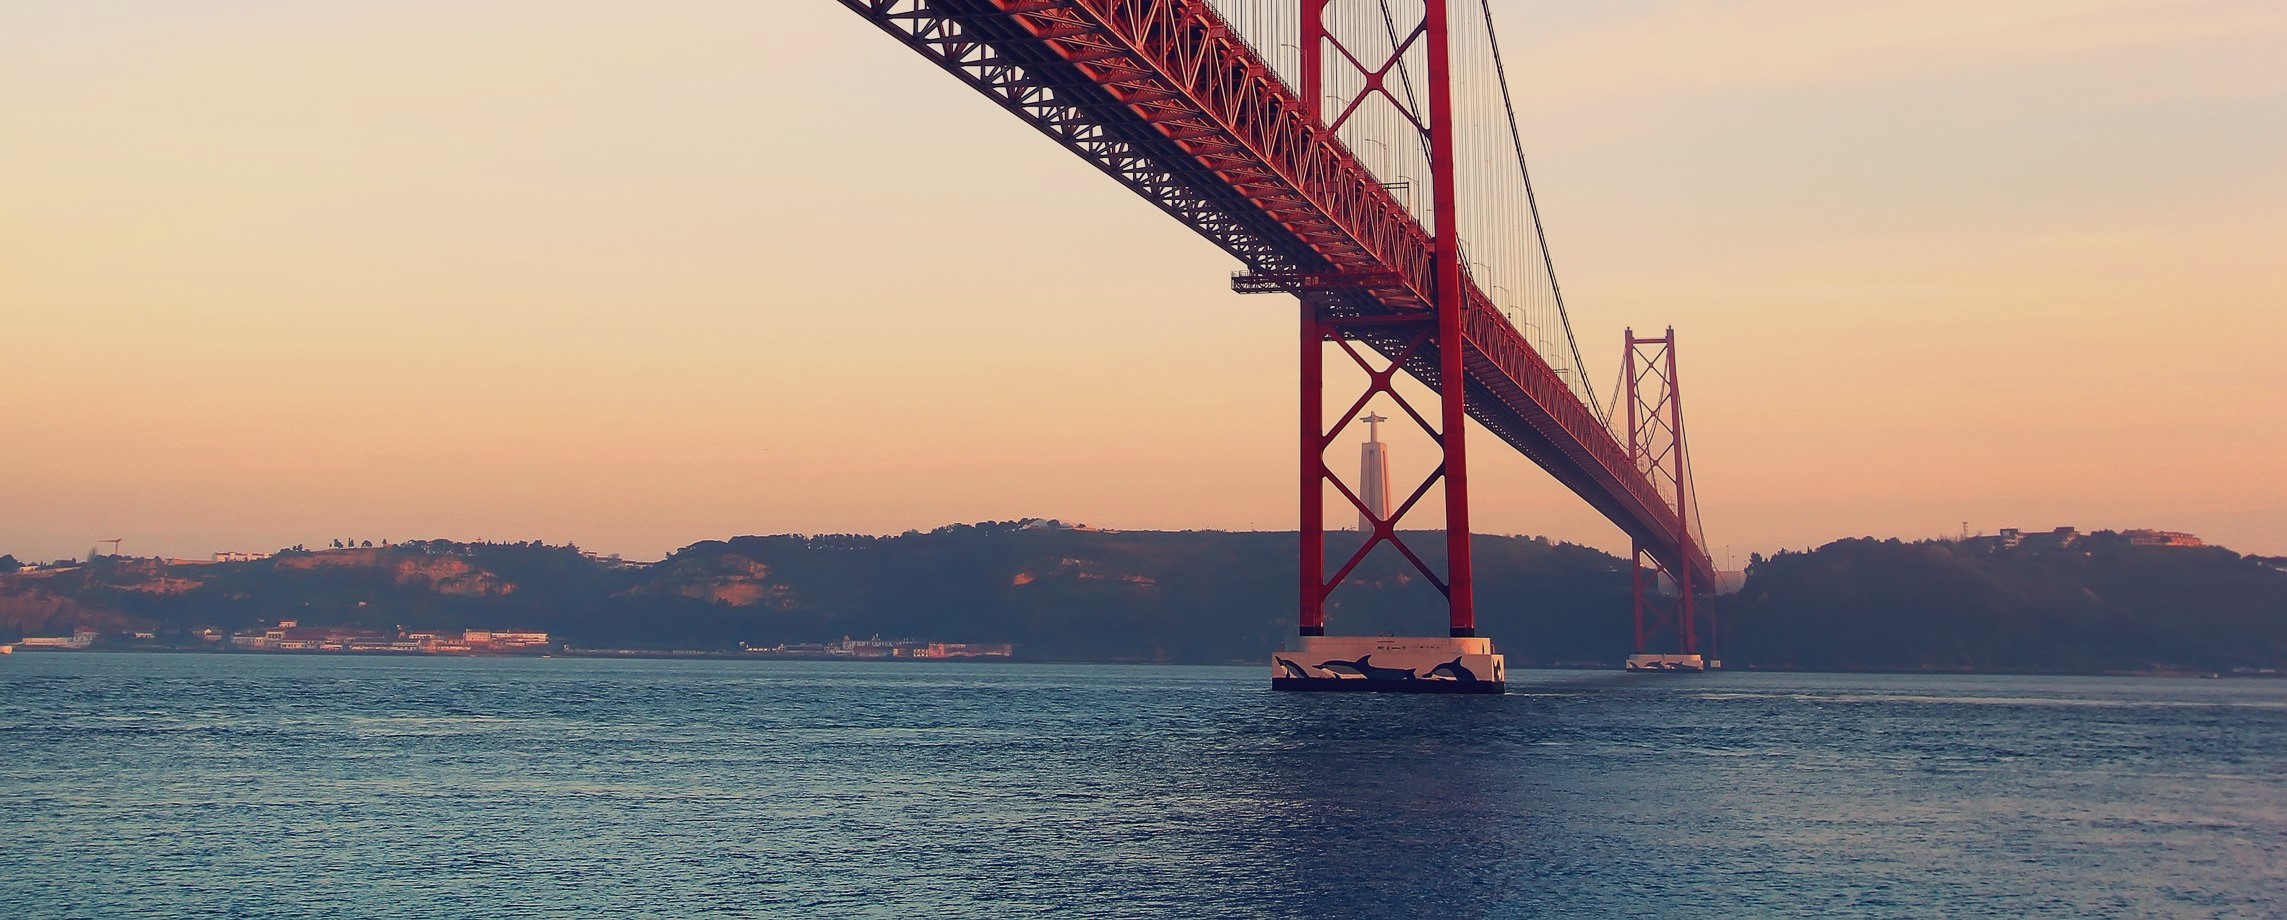 invista nas maiores empresas portuguesas